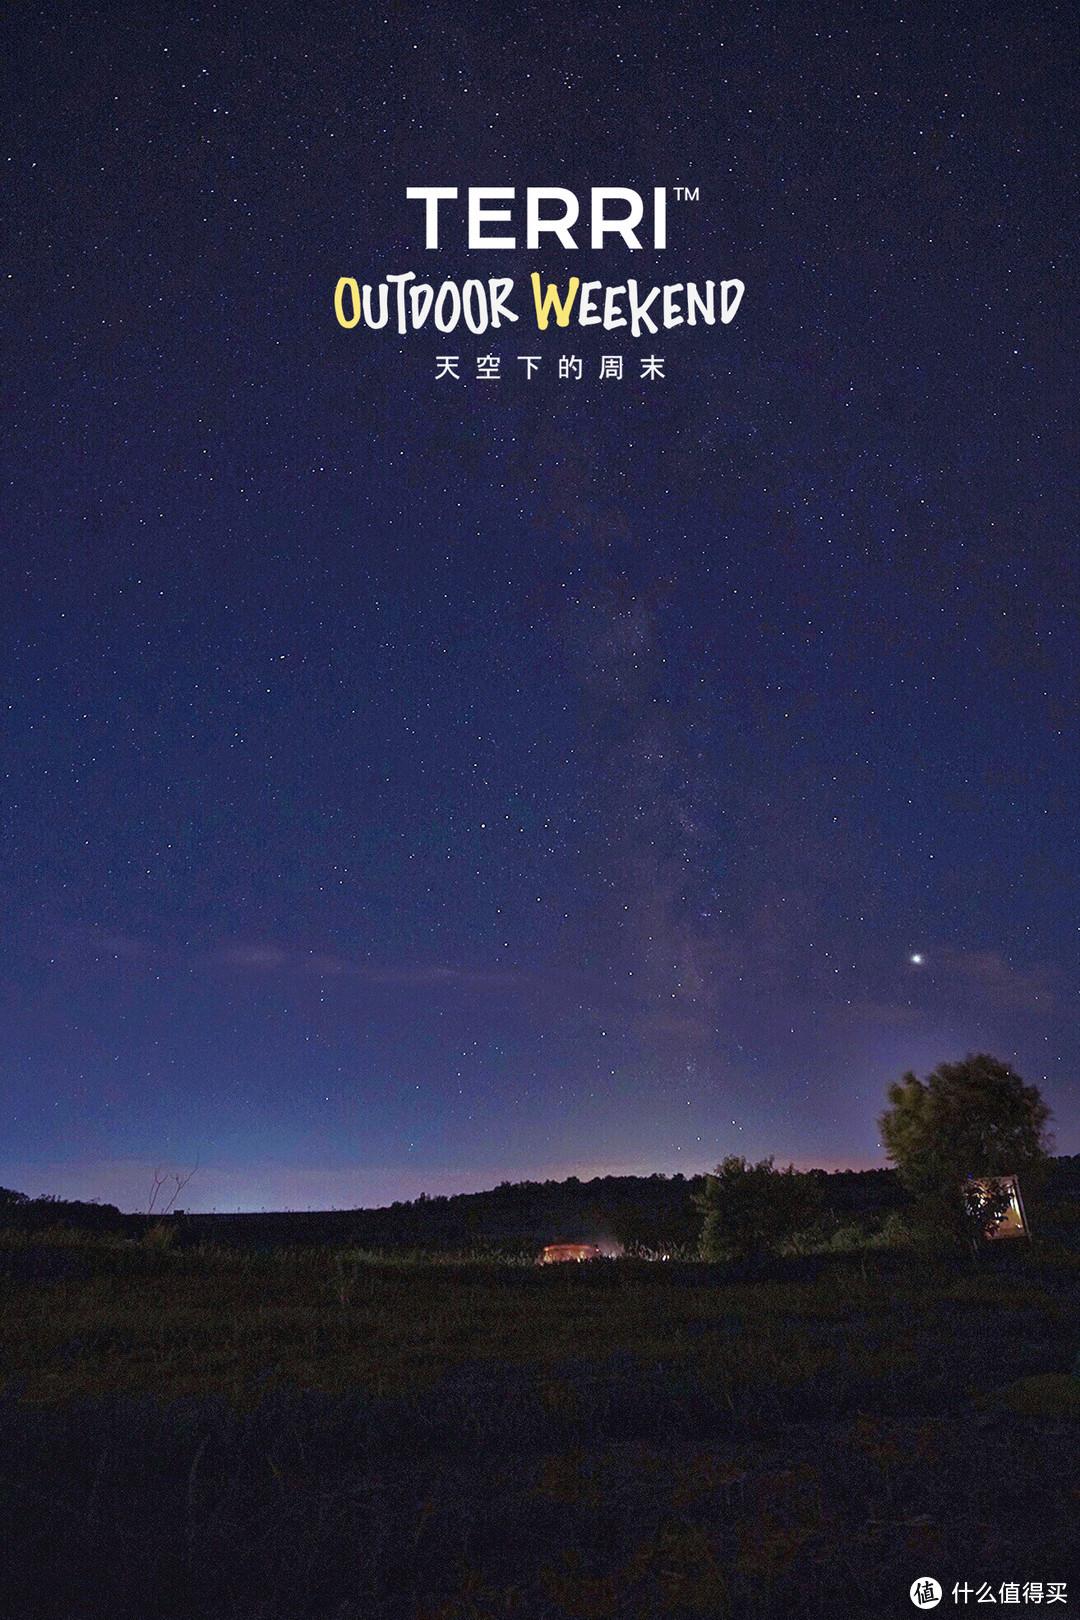 天空下的周末: 500位玩家幸福见证一个仅存在3天的美好户外小镇